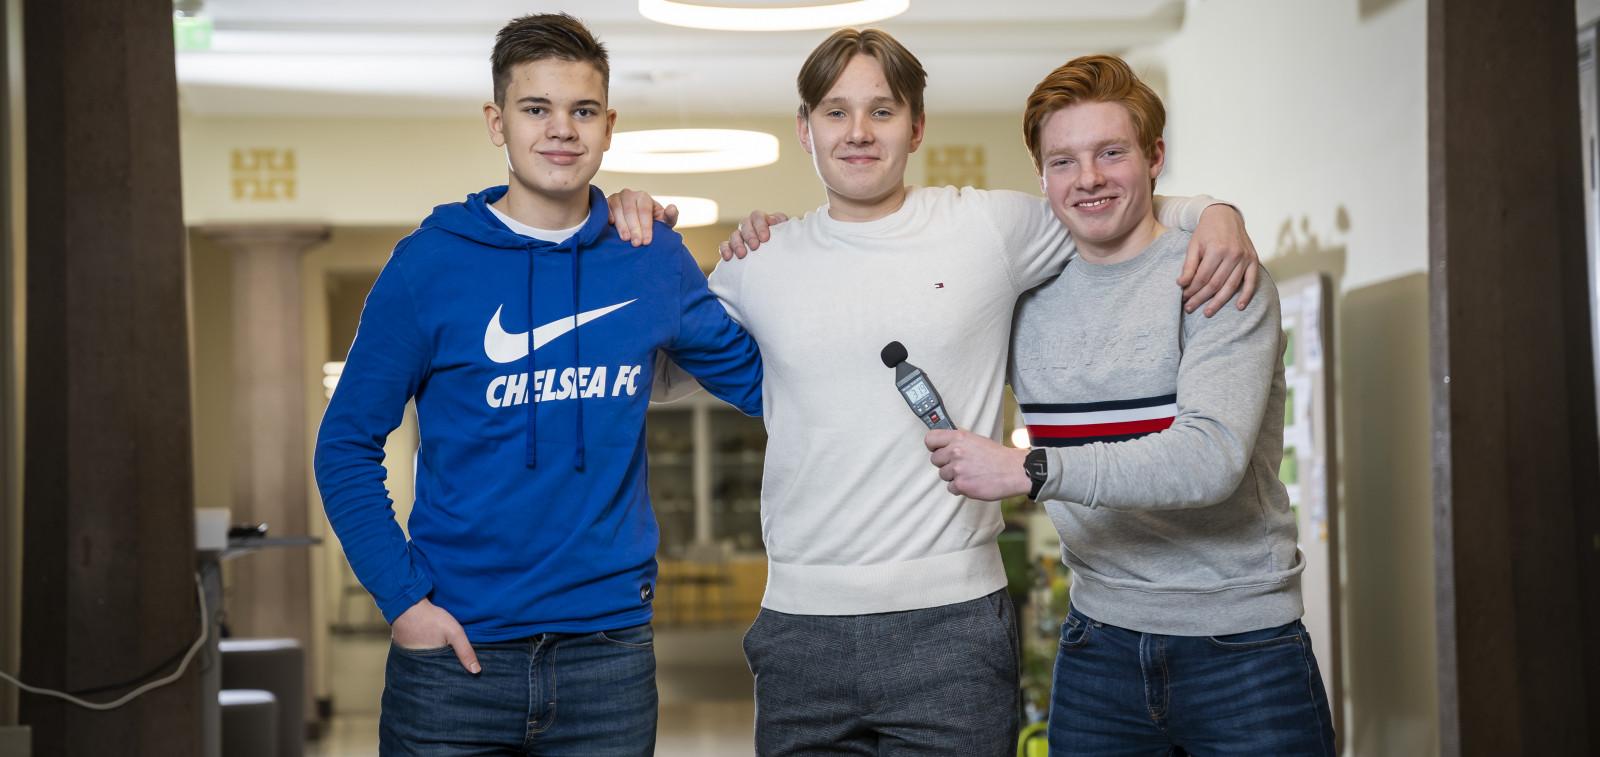 Beyond 2030-tiedekisan ensimmäiset voittajat Niklas Ahtee, Eetu Haatainen ja Elmeri Juuti